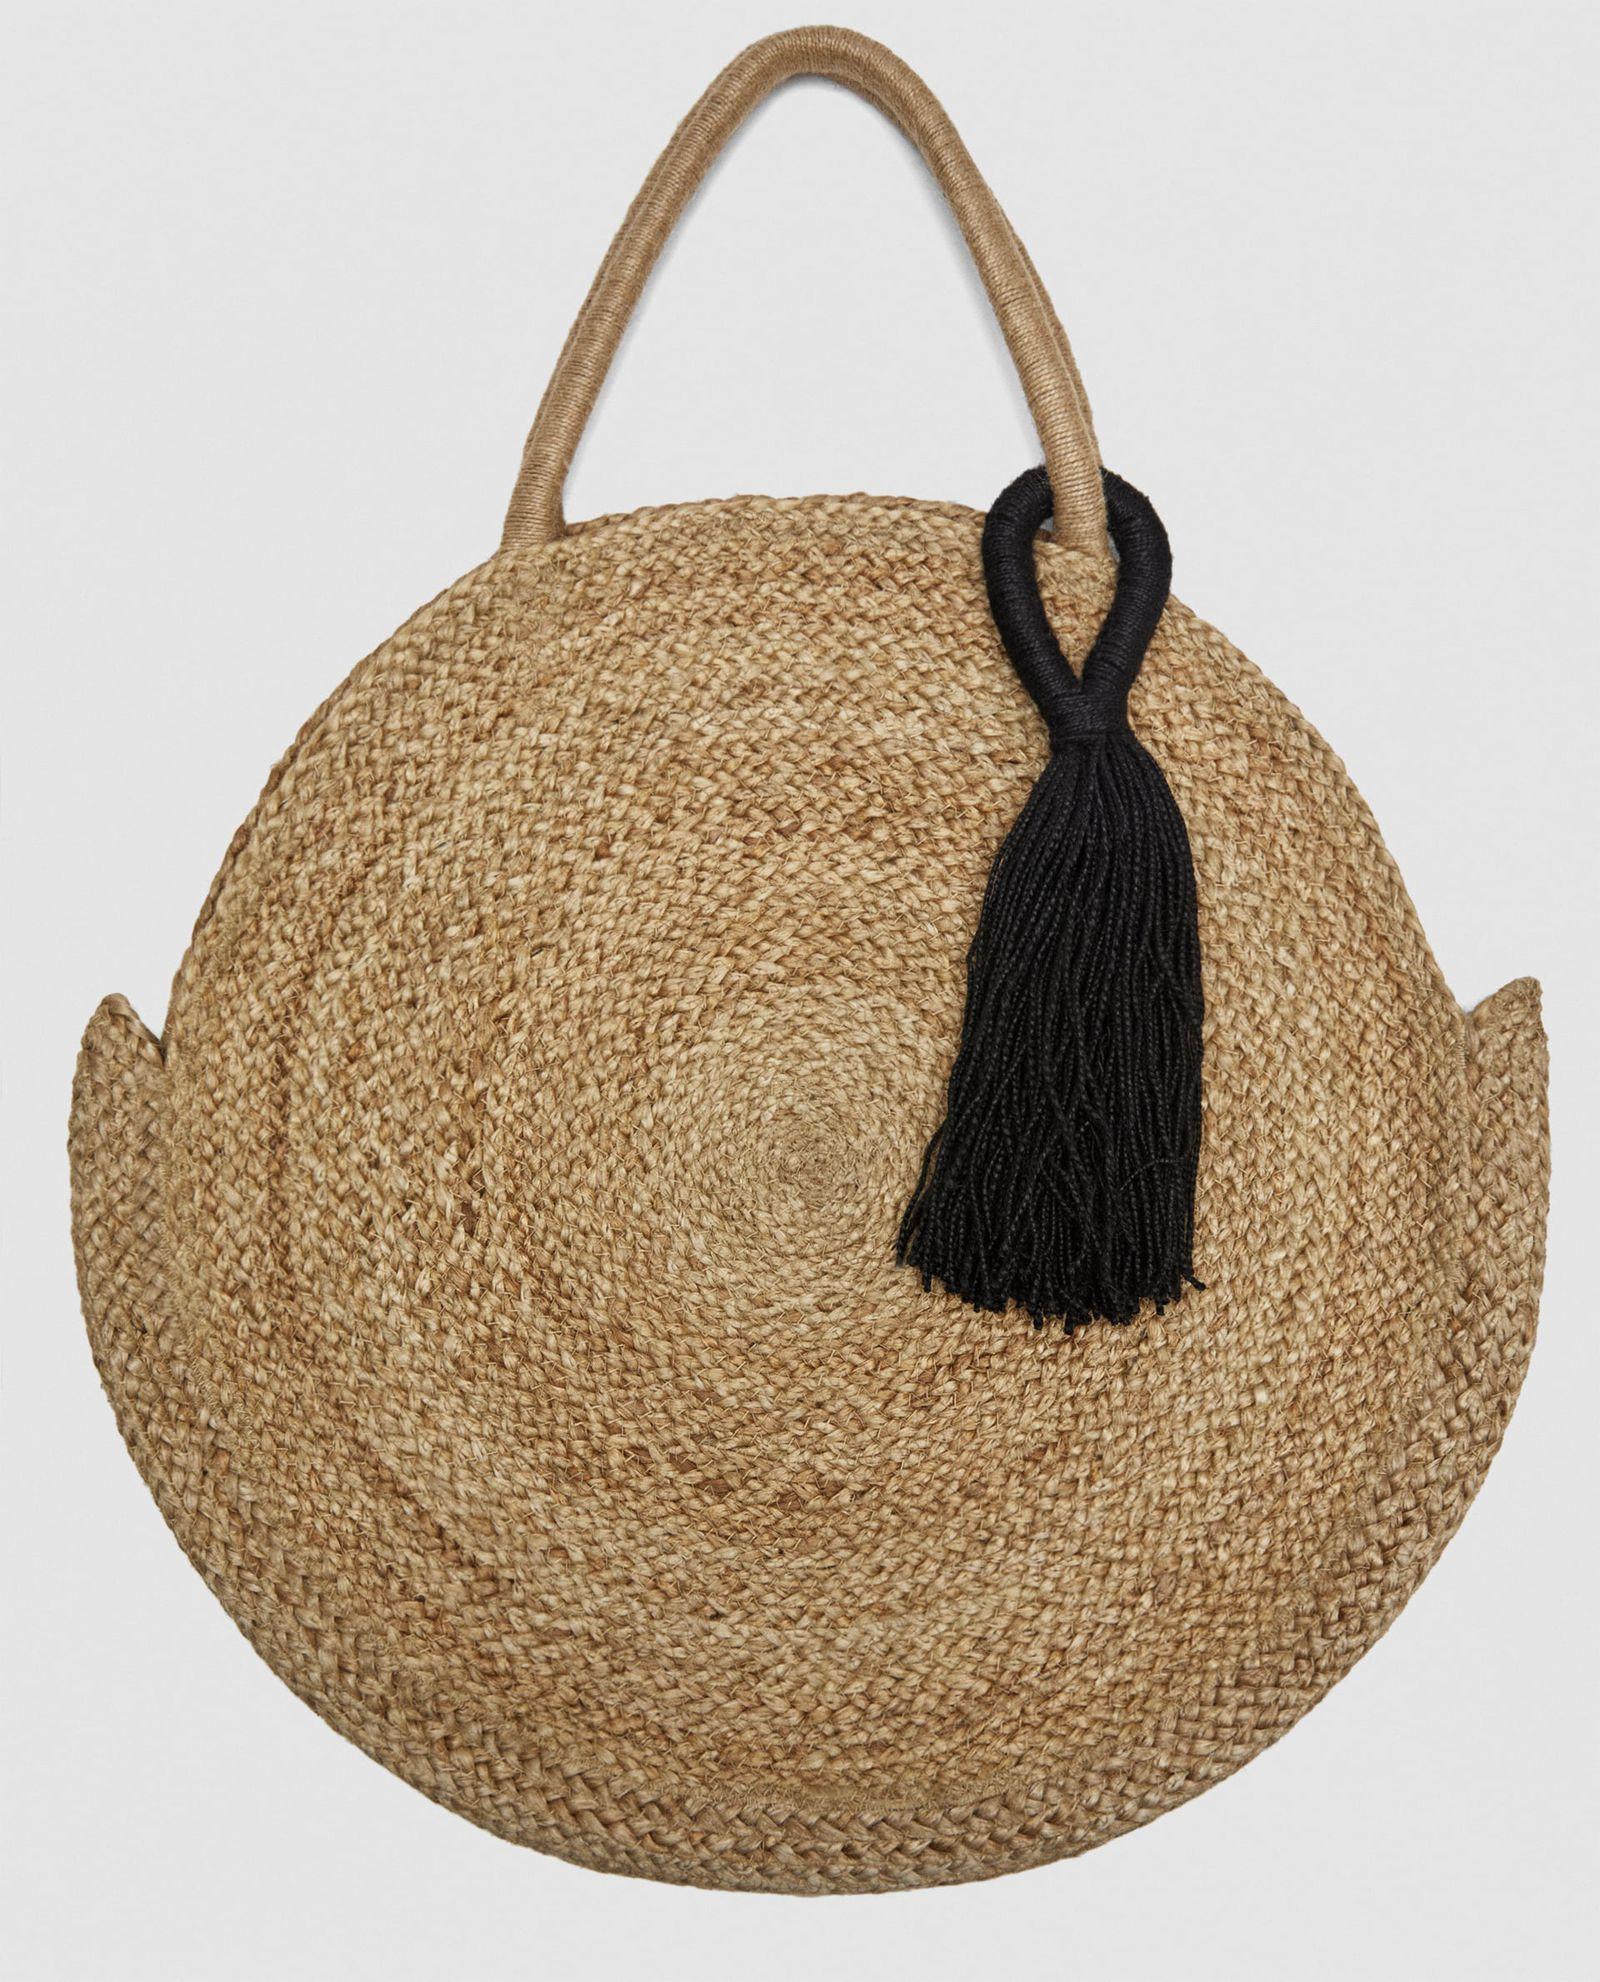 Y Bolsos With Zara Love Sus Bags Zara NaturalesIn EH2YW9ID